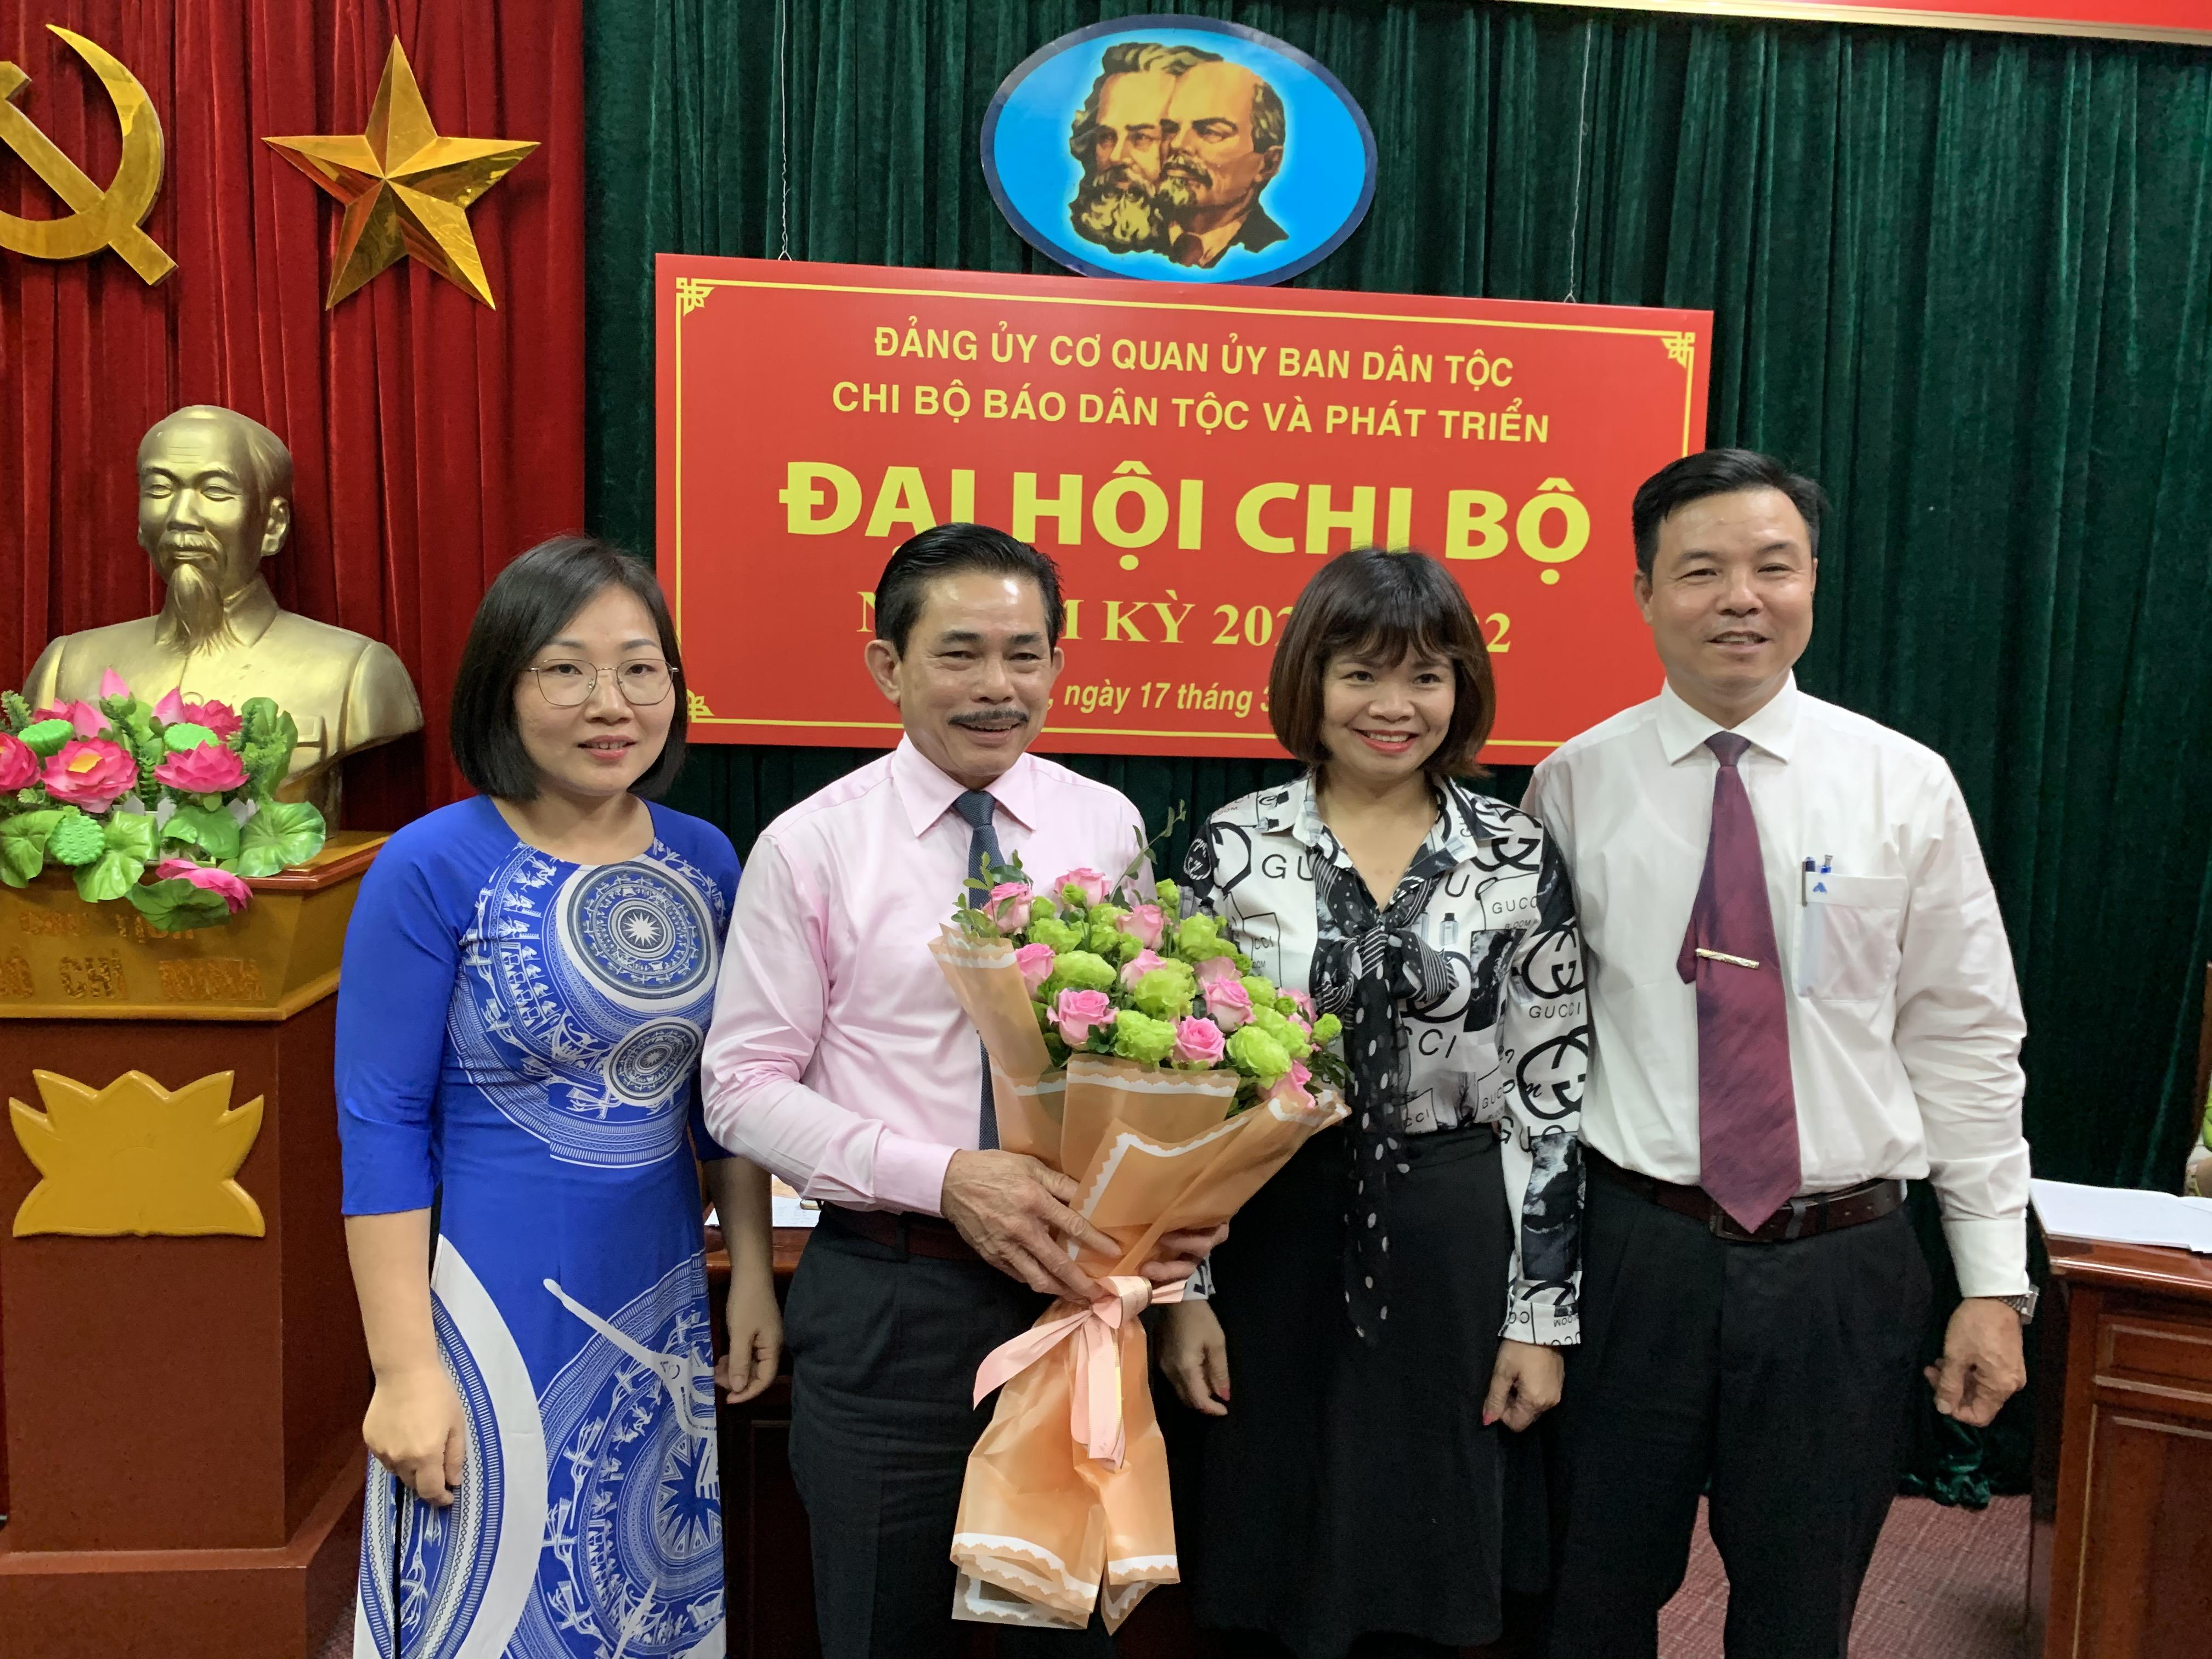 Đồng chí Nguyễn Văn Phong, Phó tổng Biên tập Báo Dân tộc và Phát triển tặng hoa chúc mừng cấp ủy khóa mới